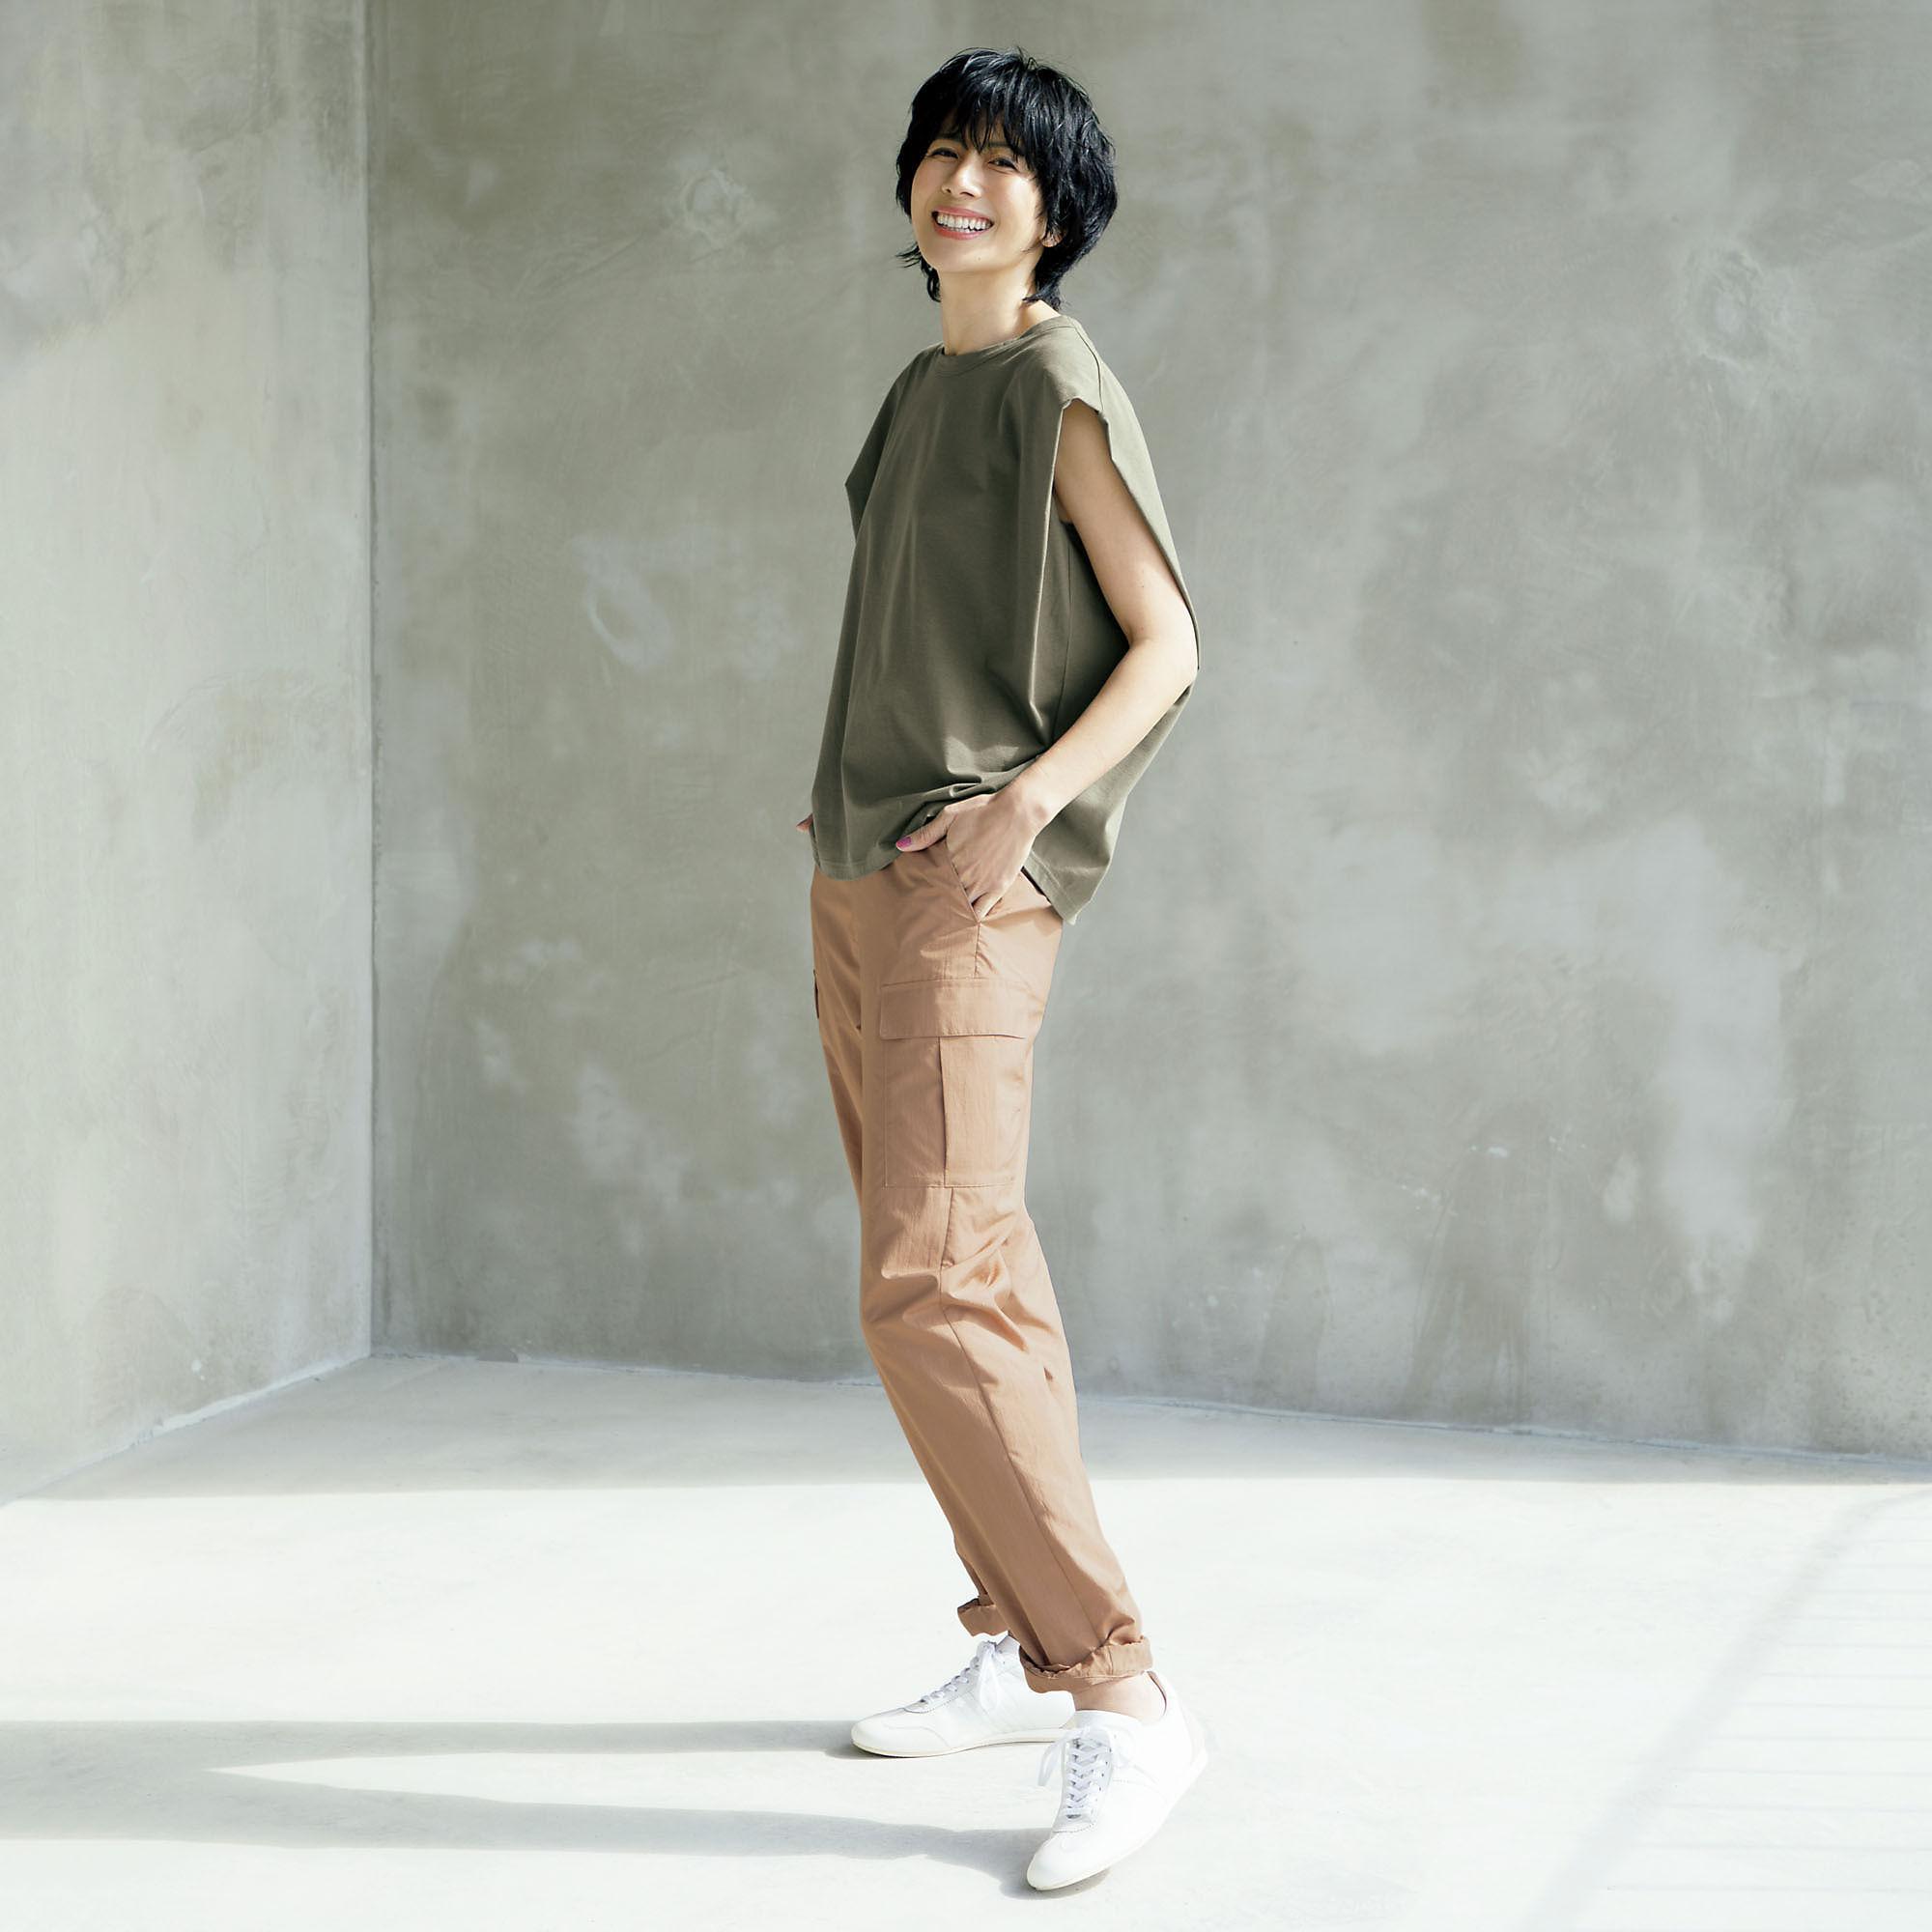 長谷川理恵さんが着こなす。アラフィーの理想の細見え服とは?_1_6